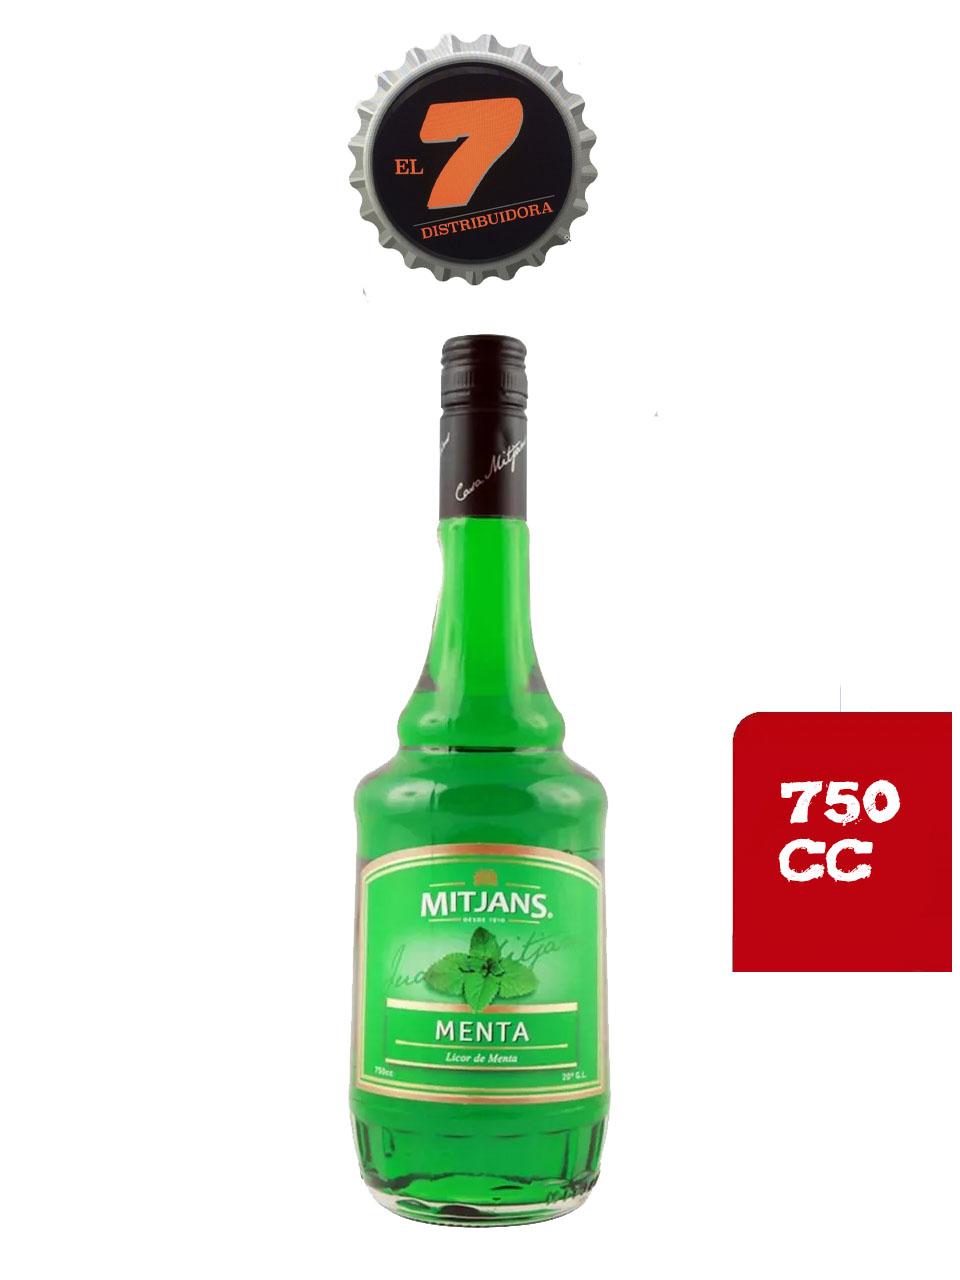 Mitjans Menta 750 CC